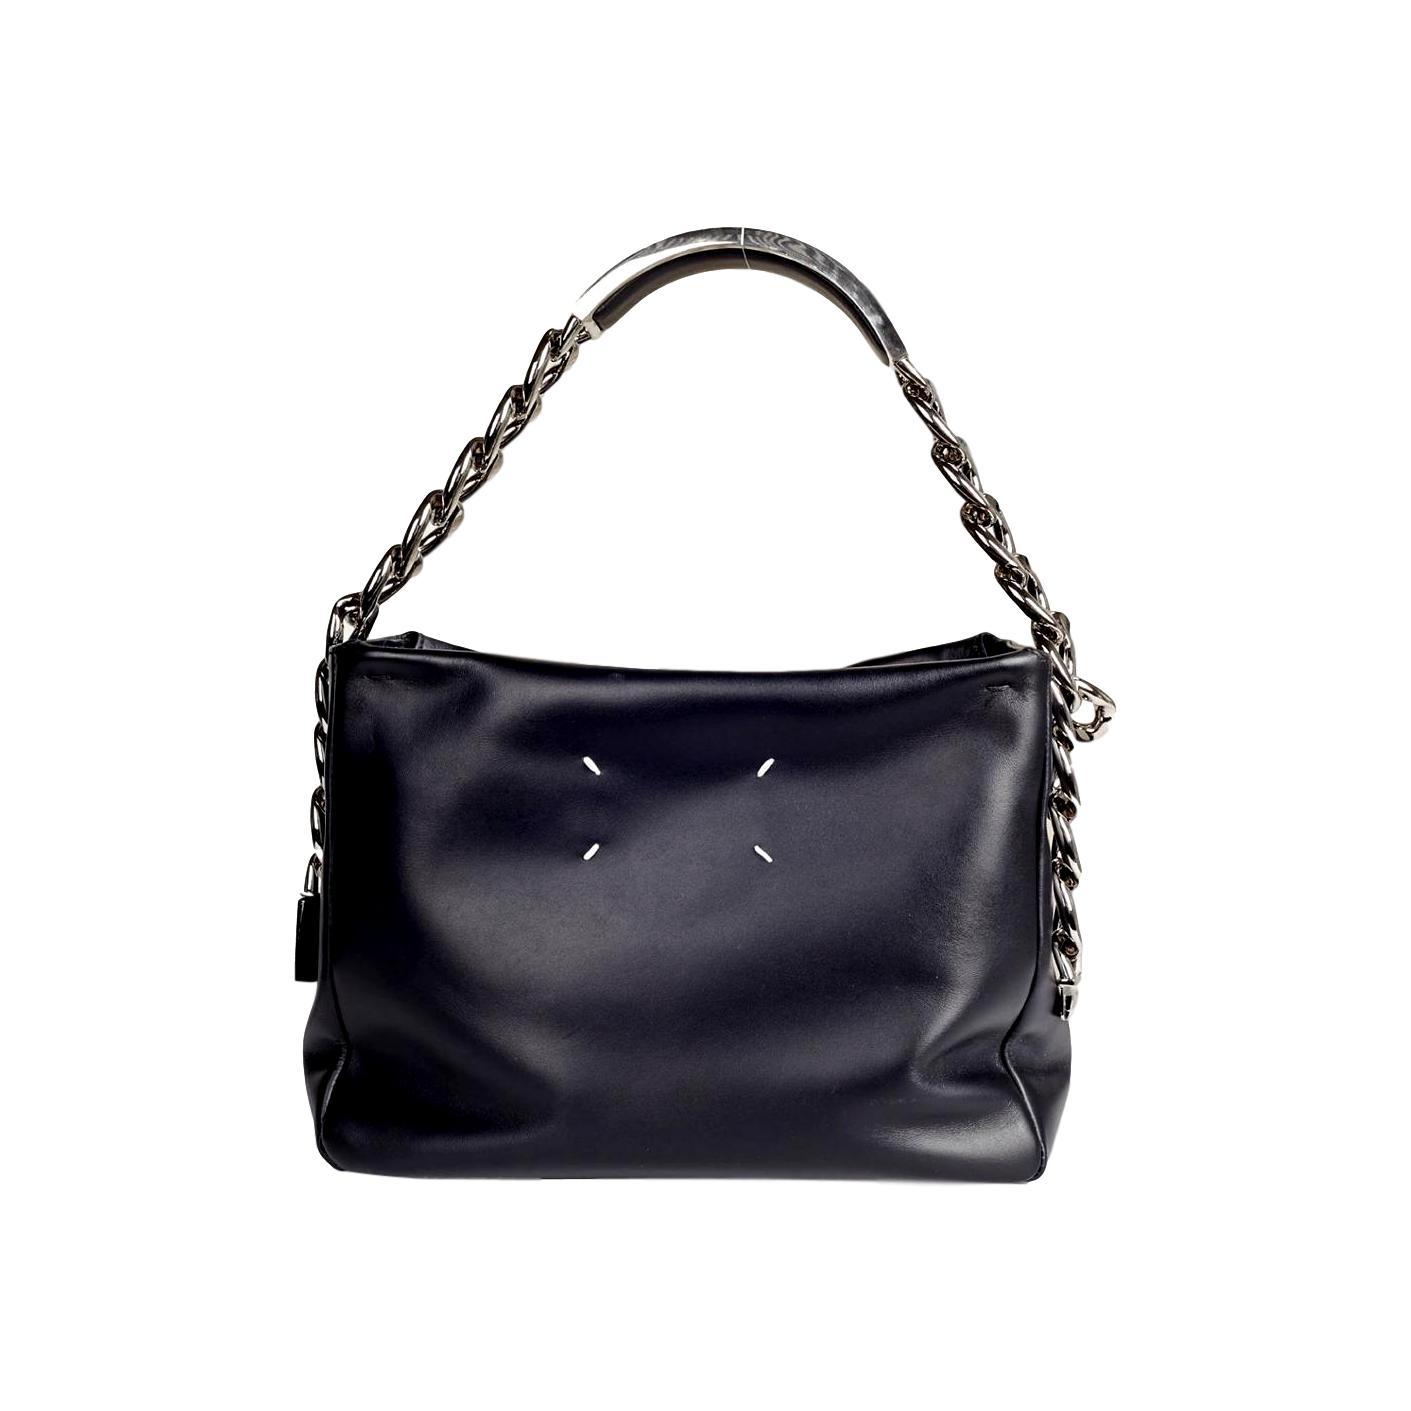 0da9eda9627d Купить деловую сумку MM6 by Maison Martin Margiela за 57000 руб. в ...